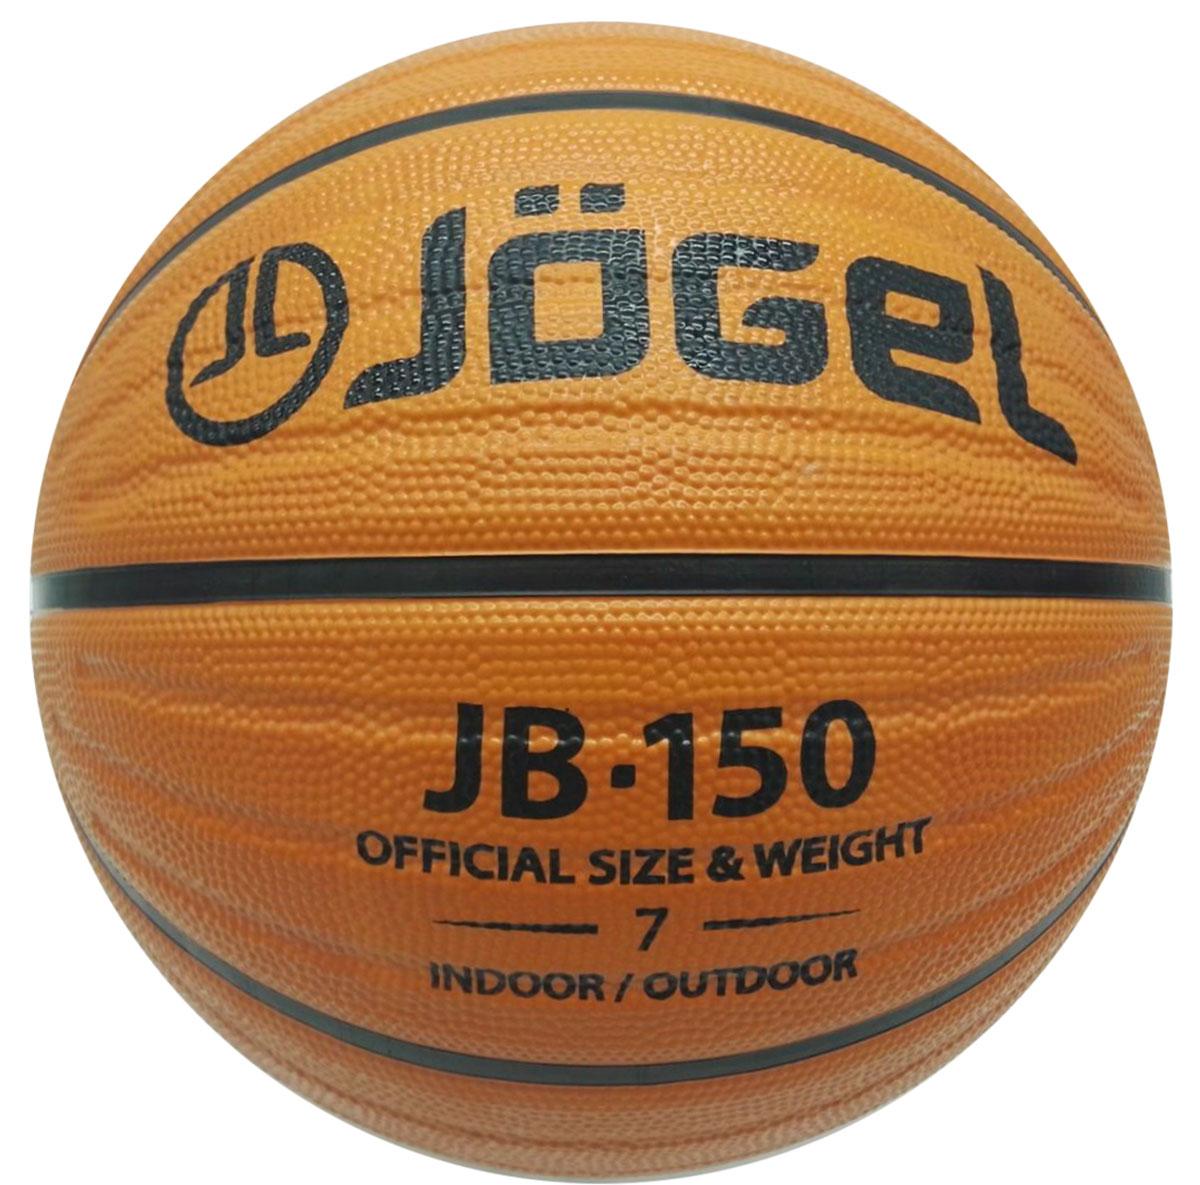 Мяч баскетбольный Jogel, цвет: коричневый. Размер 7. JB-15026920Резиновый баскетбольный мяч Jogel часто используется в уличном баскетболе и учебных заведения.Покрышка мяча выполнена из износостойкой резины, поэтому с мячом можно играть на любой поверхности, как в зале, так и на улице. В создании мячей используется технология DeepChannel (глубокие каналы), благодаря которой достигается отличный контроль мяча во время броска и дриблинга.Камера выполнена из бутила.Мяч баскетбольный рекомендован для любительской игры, тренировок команд среднего уровня и любительских команд.Вес: 567-650 гр.Длина окружности: 75-78 см.Рекомендованное давление: 0.5-0.6 бар.УВАЖАЕМЫЕ КЛИЕНТЫ!Обращаем ваше внимание на тот факт, что мяч поставляется в сдутом виде. Насос в комплект не входит.